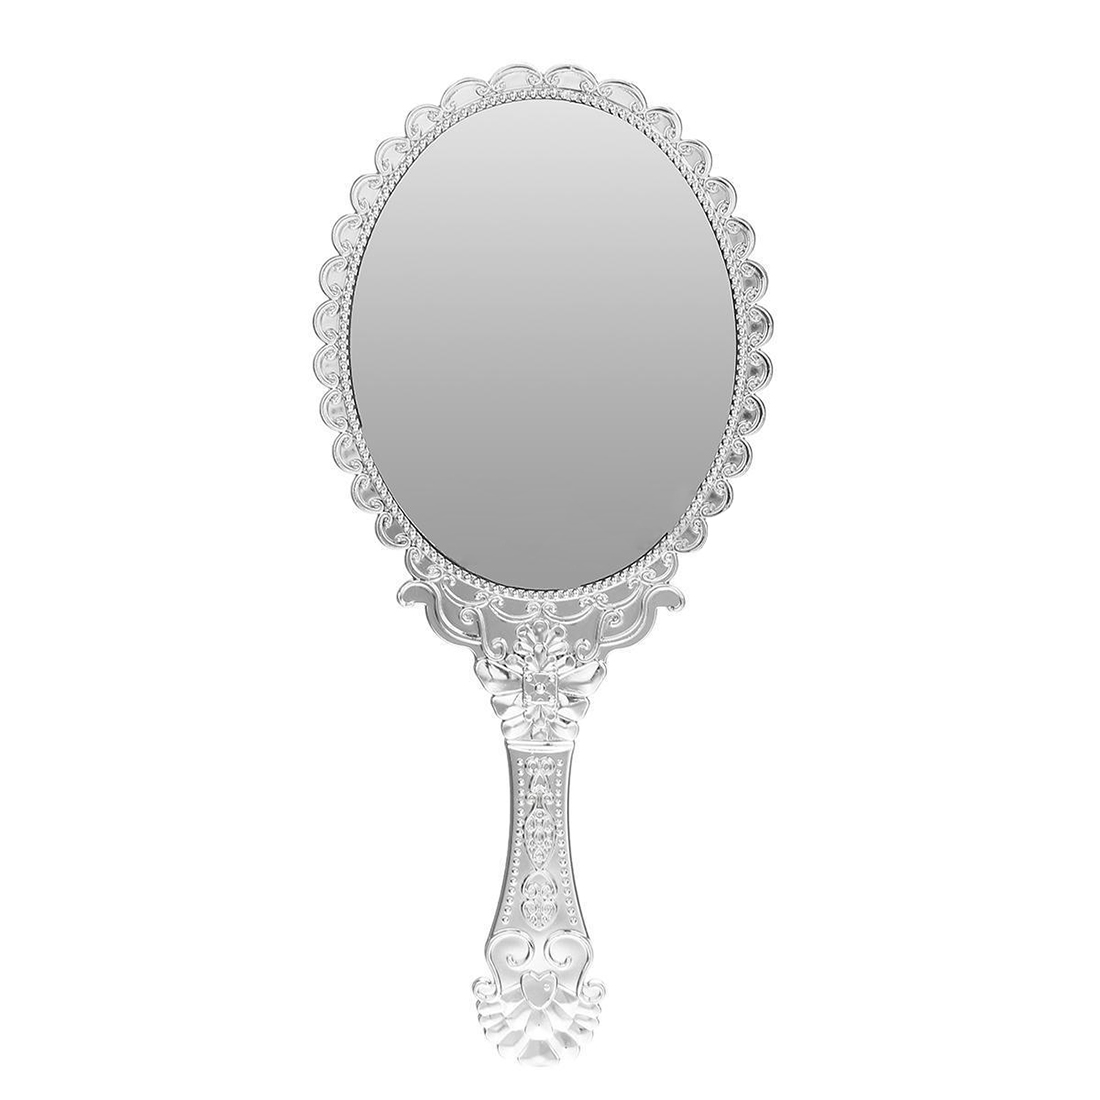 Spiegel Kreativ Damen Vintage Repousse Floral Hand Gehalten Oval Spiegel Make-up Kommode Um Sowohl Die QualitäT Der ZäHigkeit Als Auch Der HäRte Zu Haben